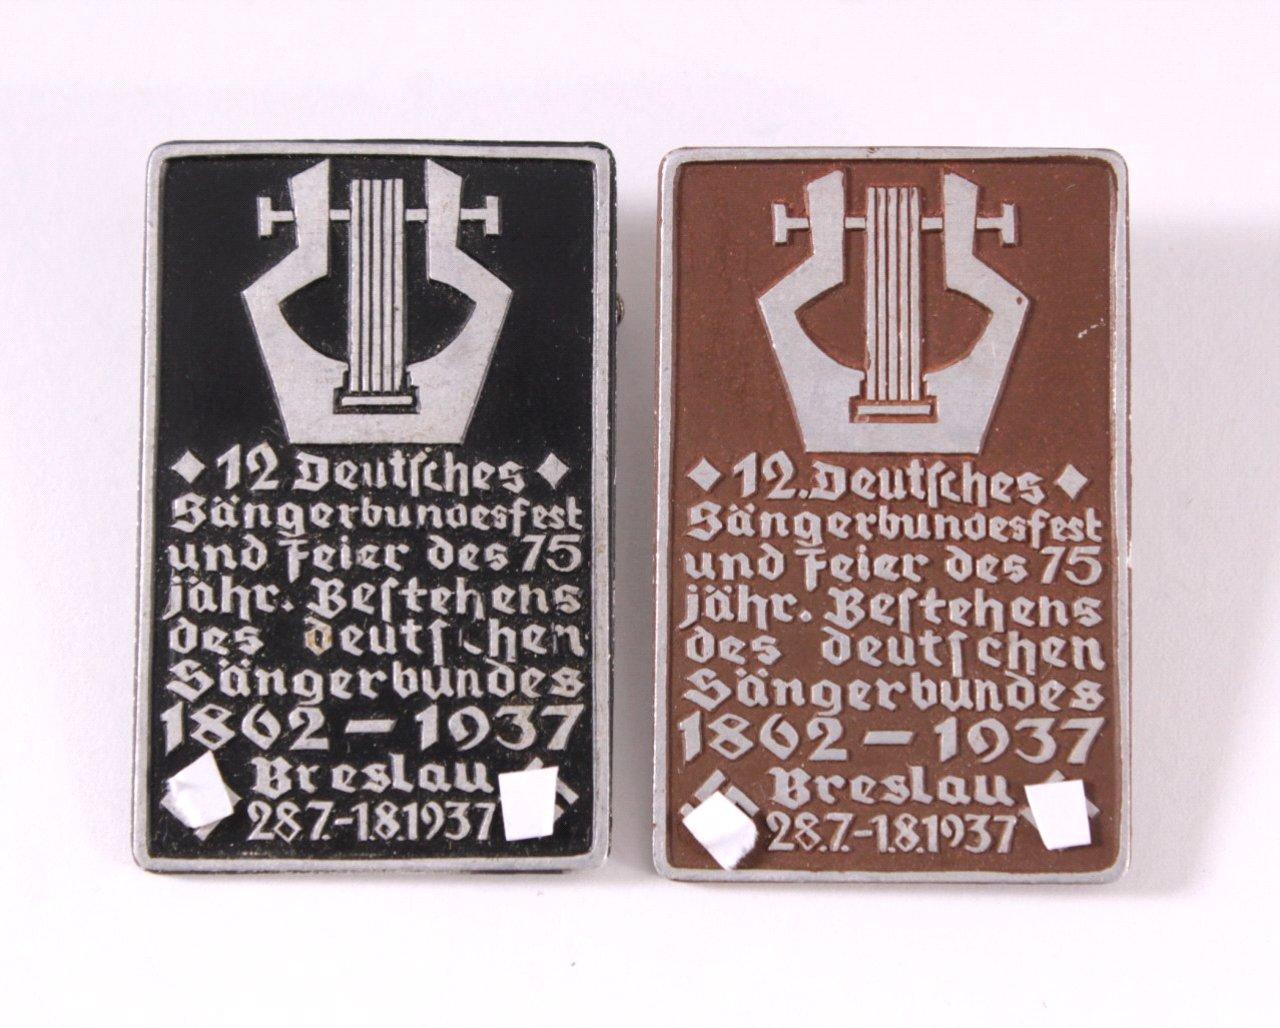 2 Abzeichen 12. Deutsches Sängerbundesfest Breslau 1937